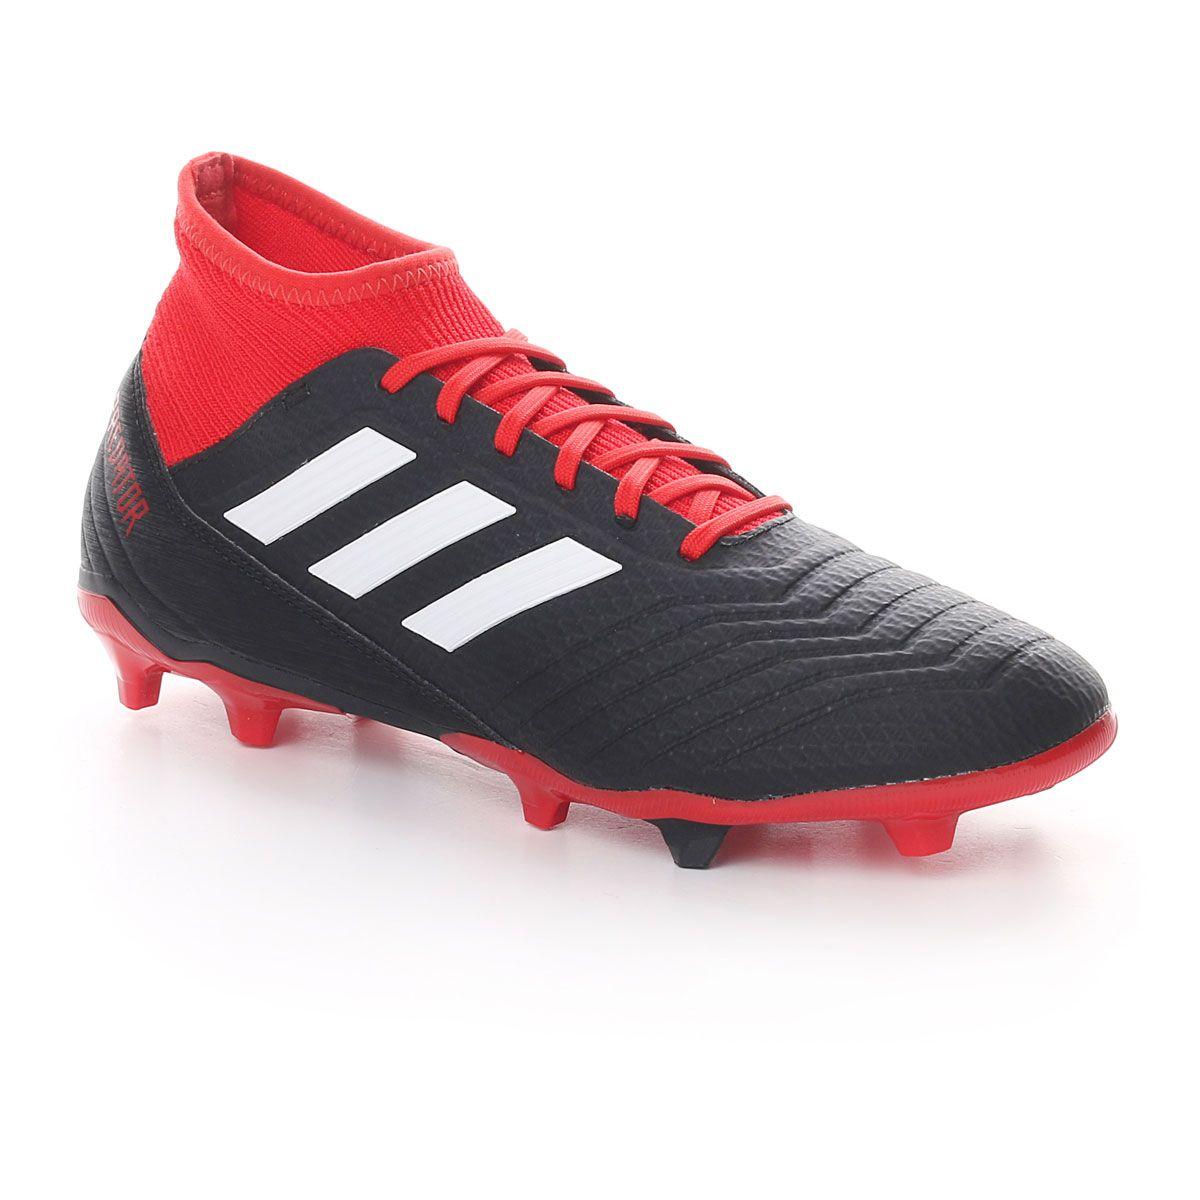 adidas Predator 18.3 Fg Black Red